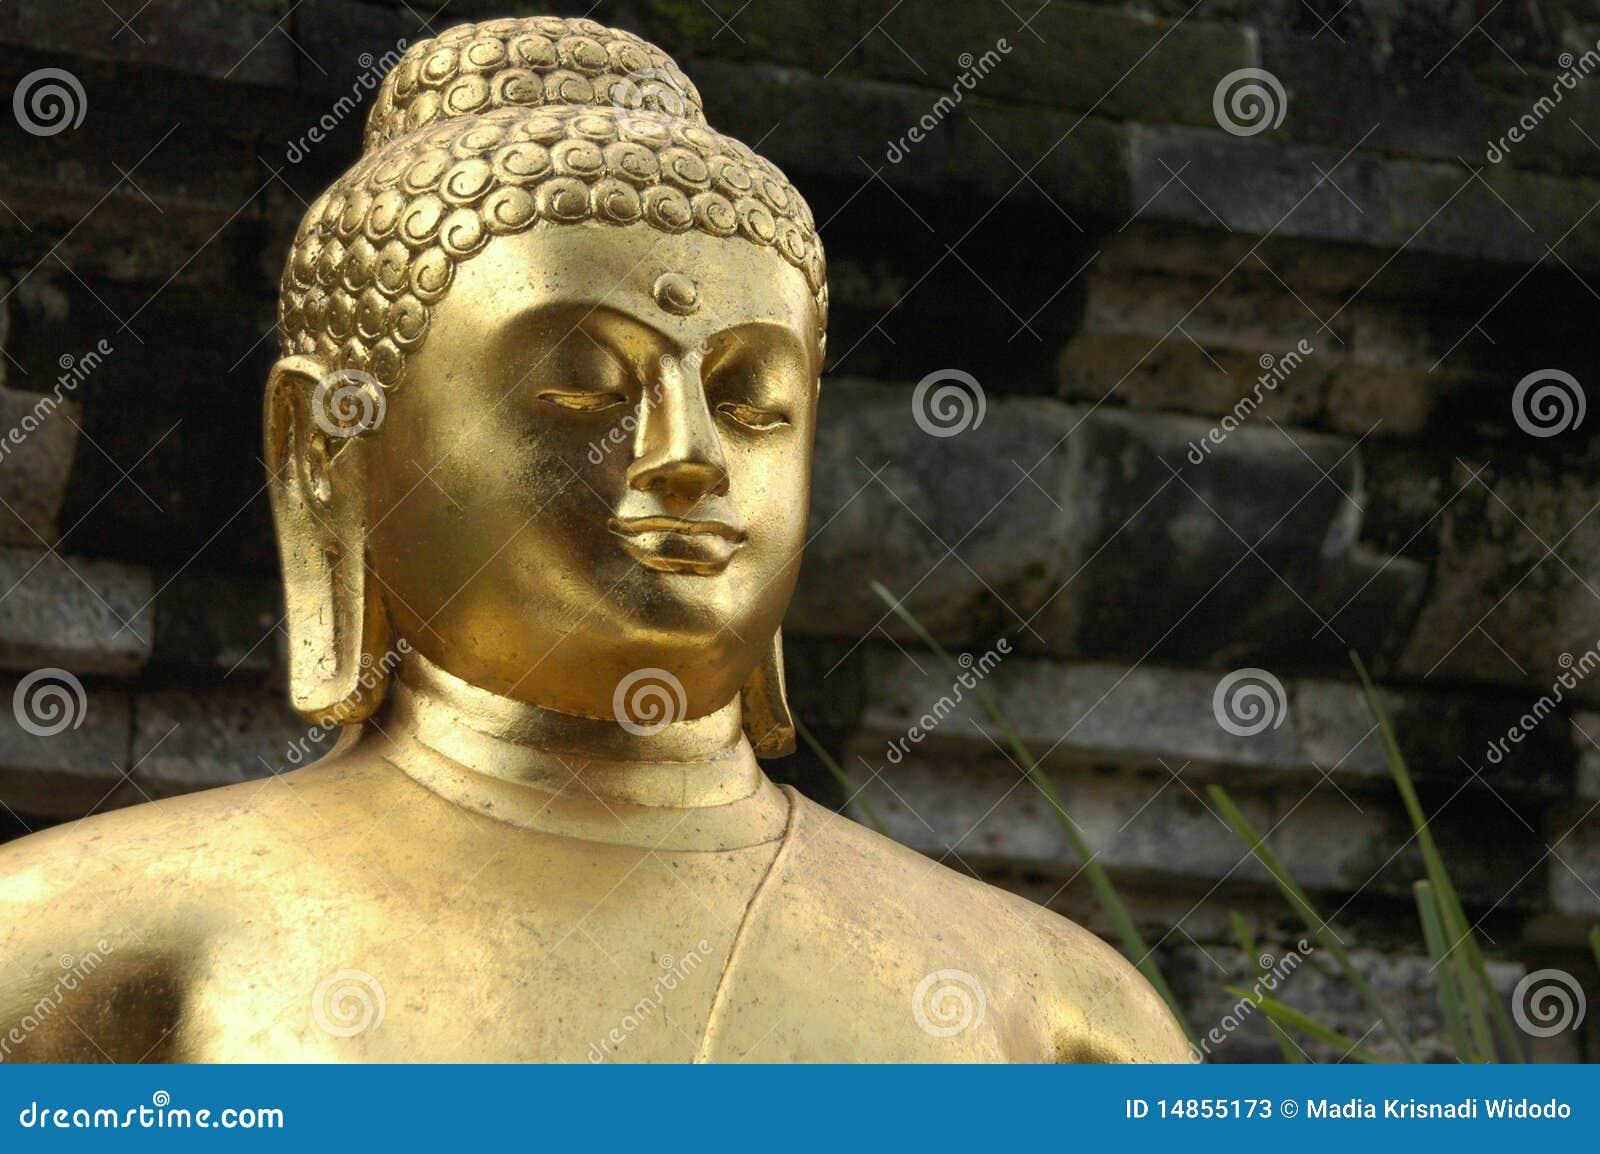 Closeup of Golden Buddha statue